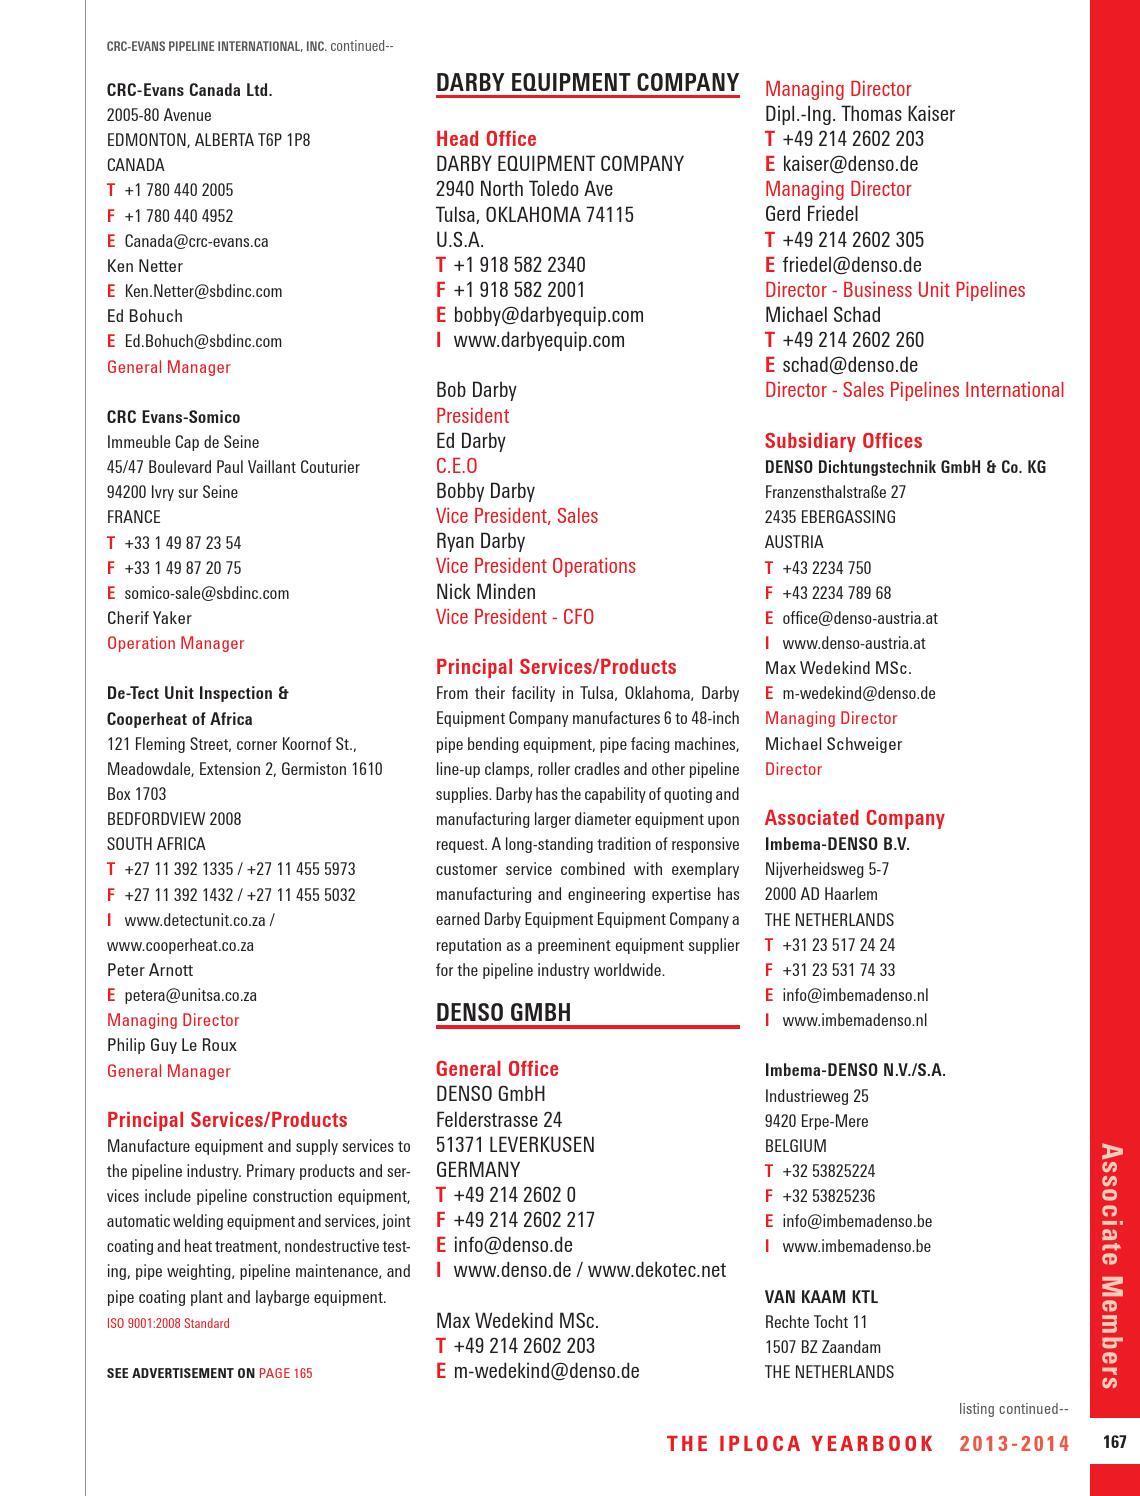 IPLOCA Yearbook 2013-2014 by Pedemex BV - issuu